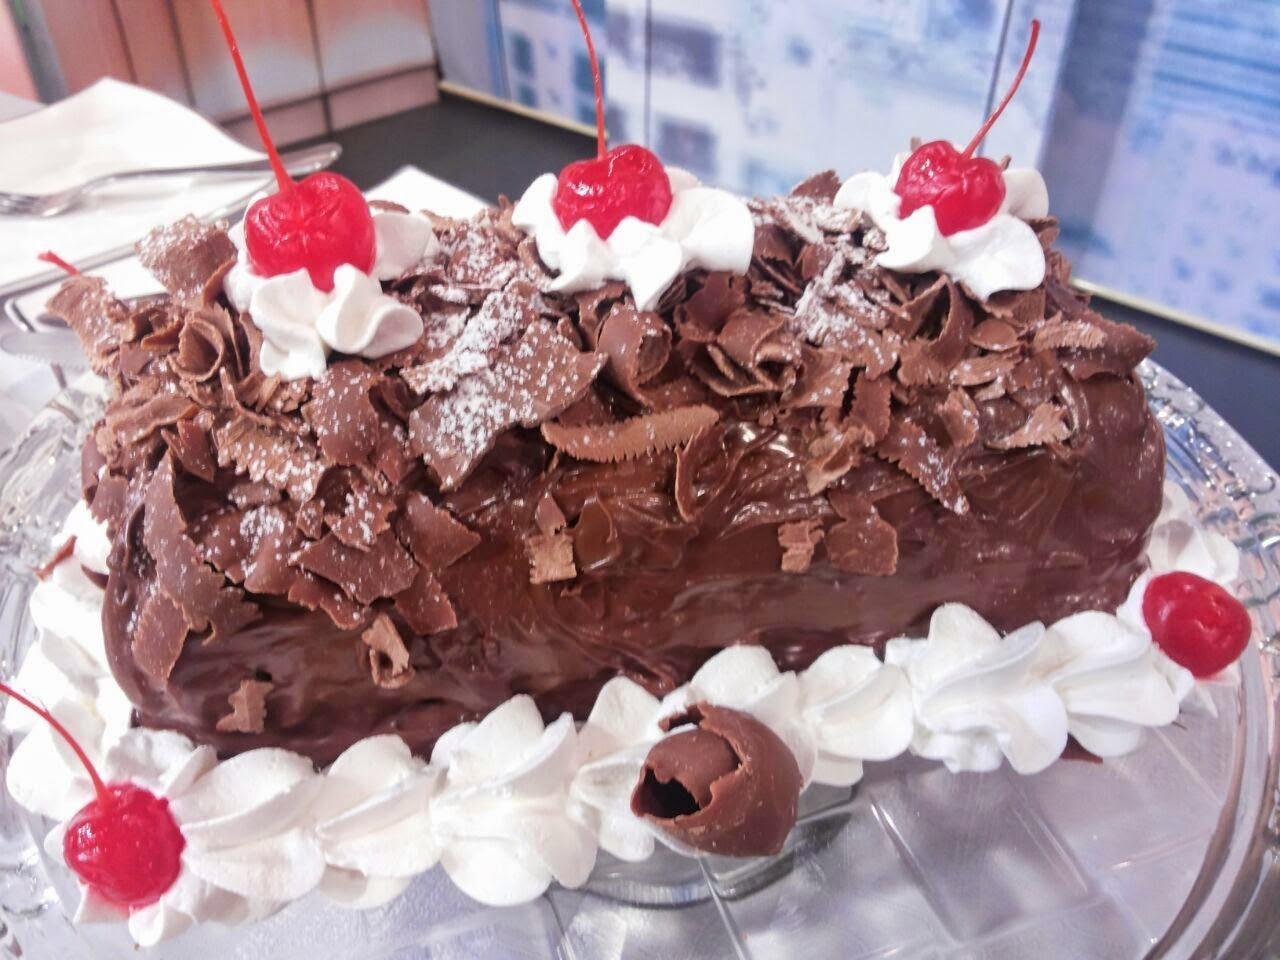 de rocambole de chocolate e recheio de chocolate trufado